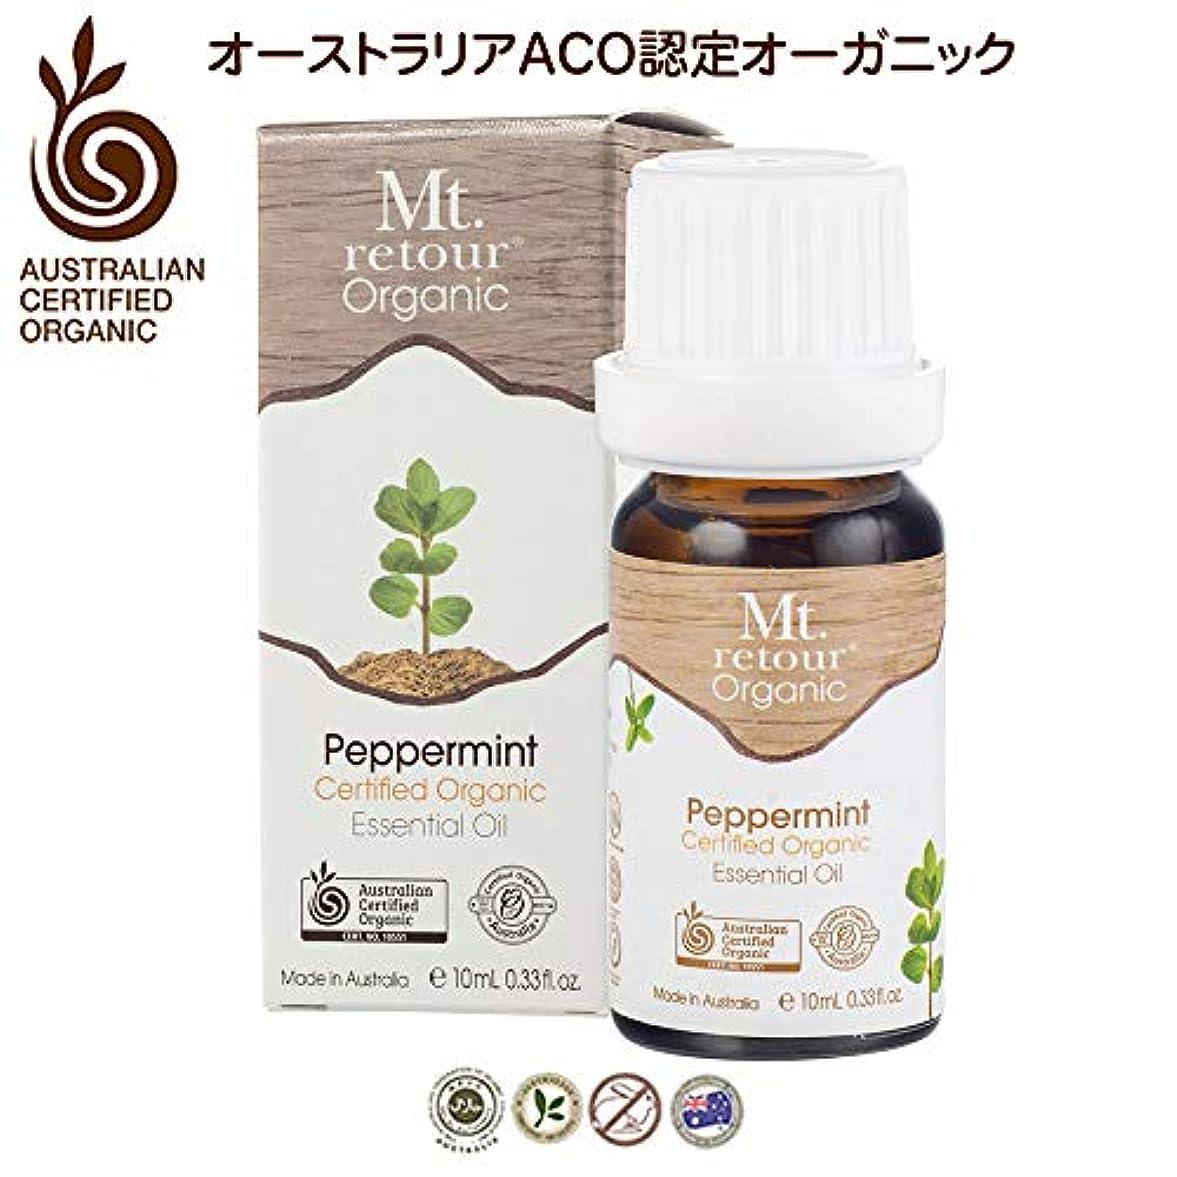 バナナ気づかない錫Mt. retour ACO認定オーガニック ペパーミント10ml エッセンシャルオイル(無農薬有機)アロマ